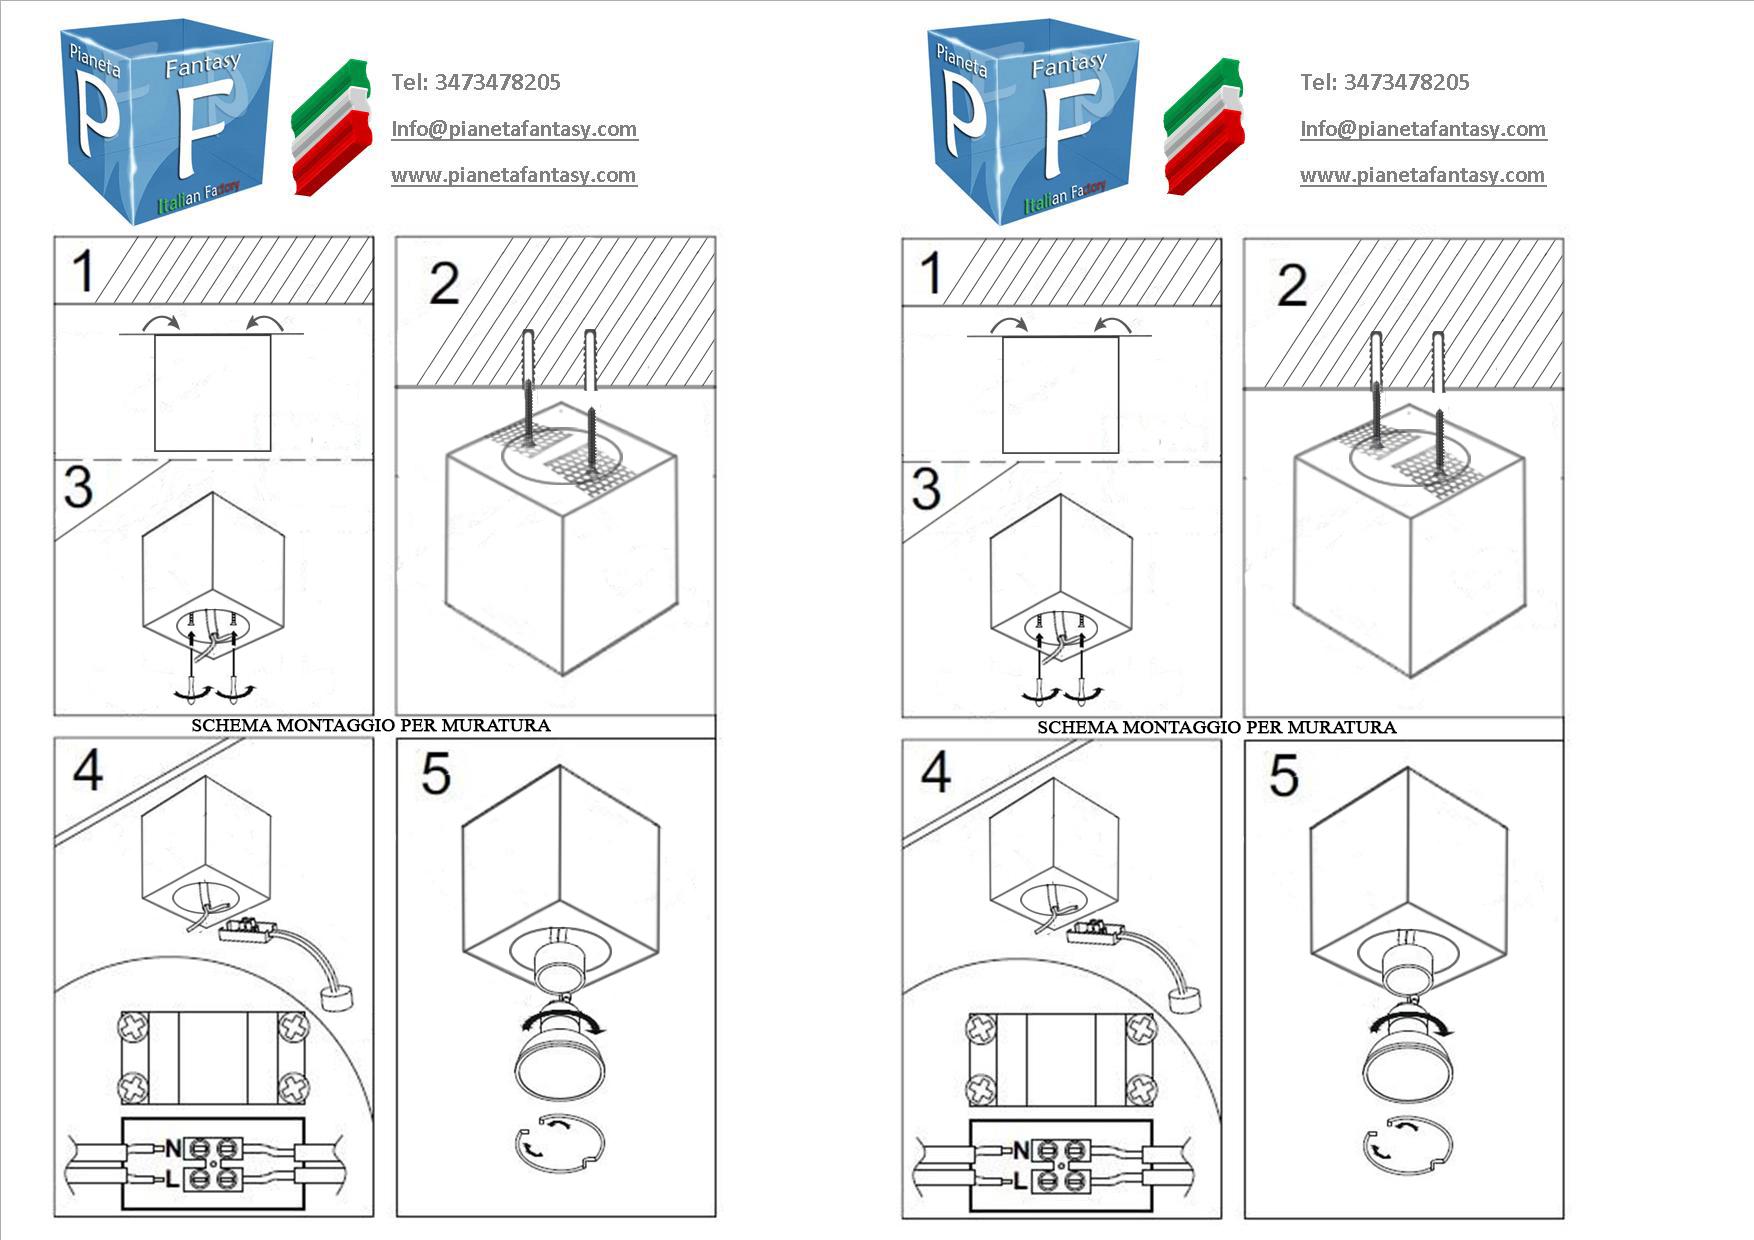 Faretti Cubo Prezzo: Cenerentola applique planetitaly lampada da parete. Faretti gesso isyluce ...